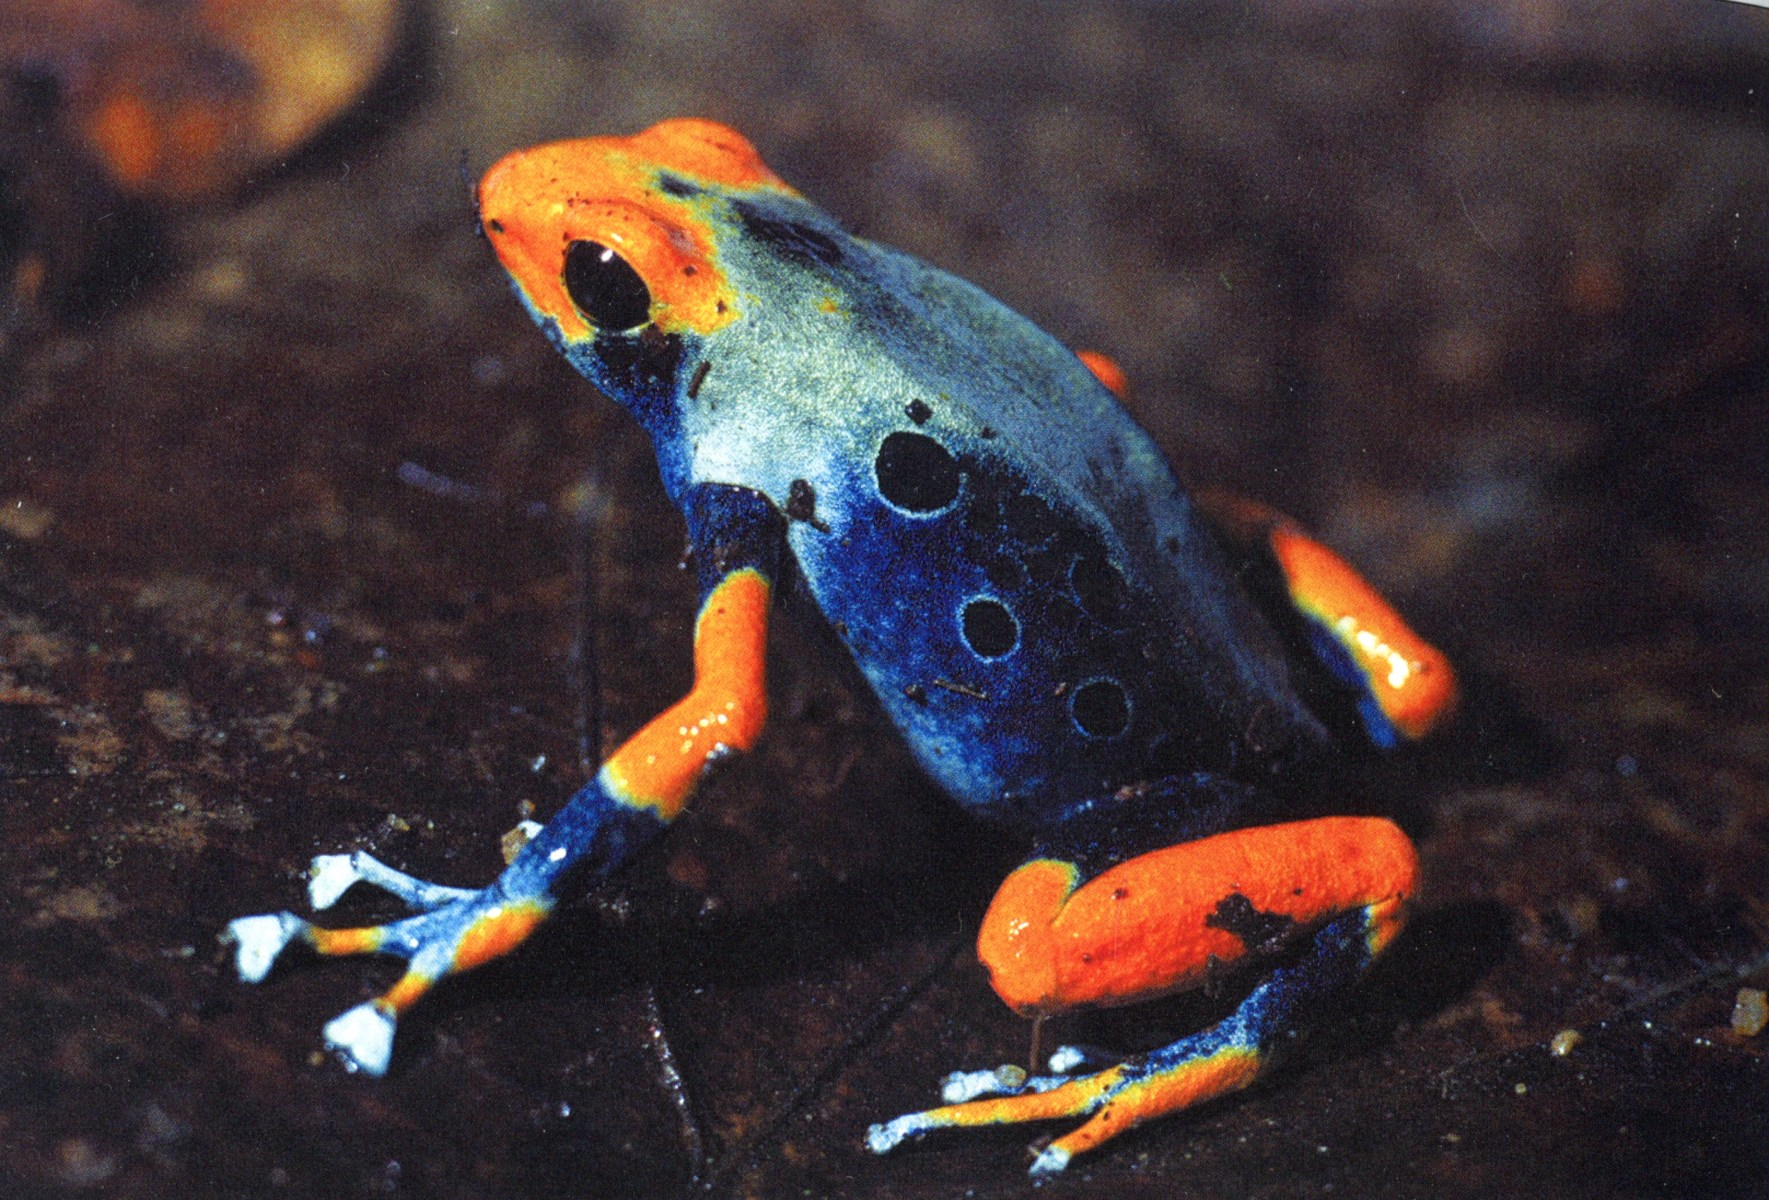 Dendrobates tinctorius morph in Brazil